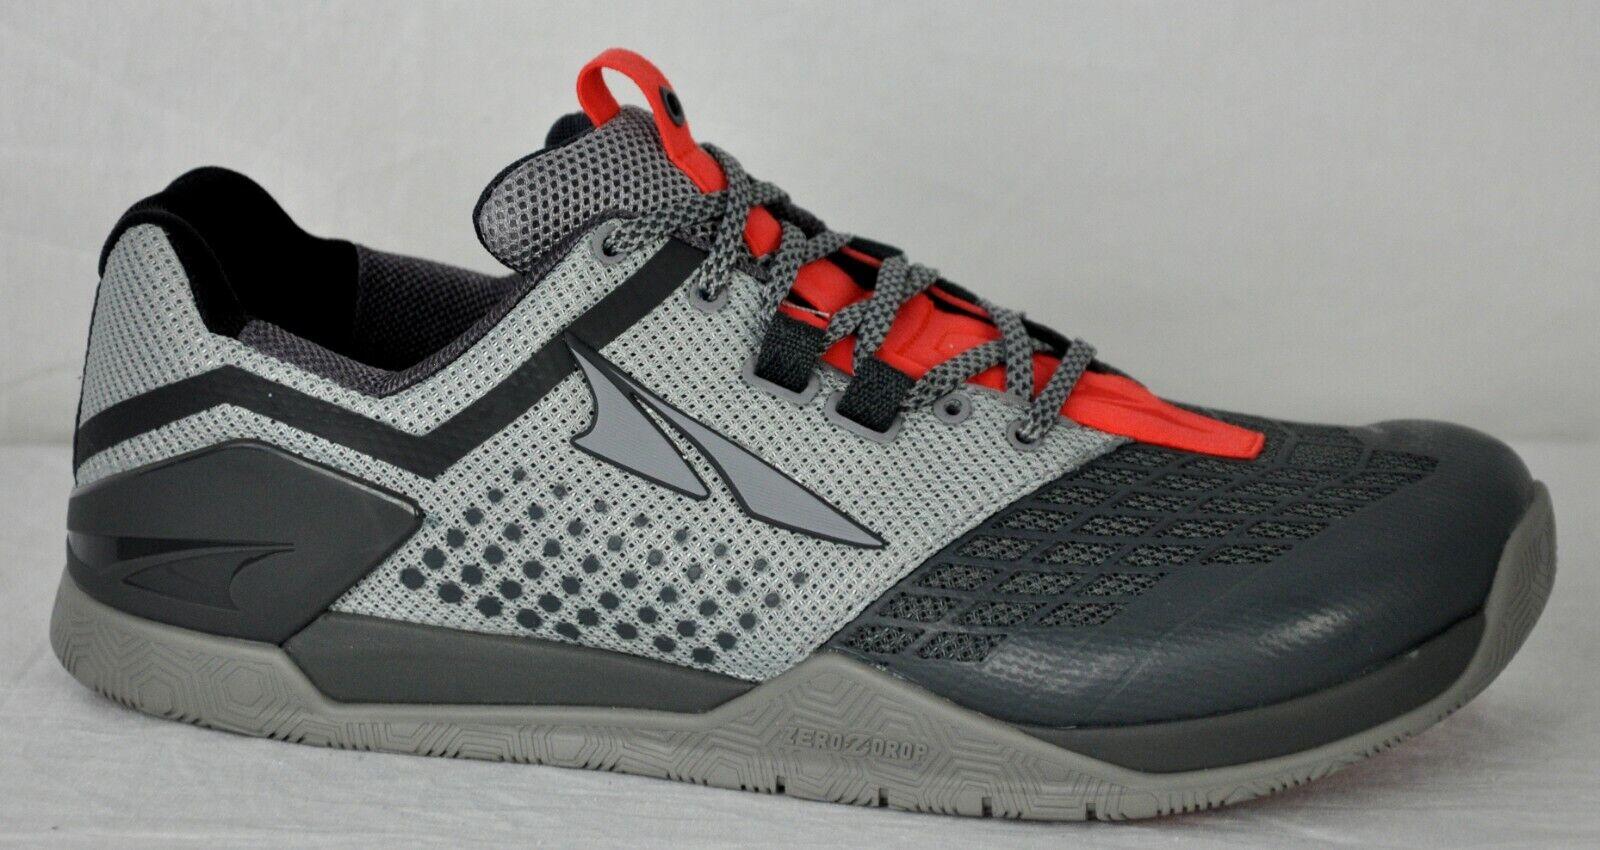 Altra para hombre HIIT XT 2 Cross Training zapatos AFM1976P-2 gris Naranja Tamaño 10